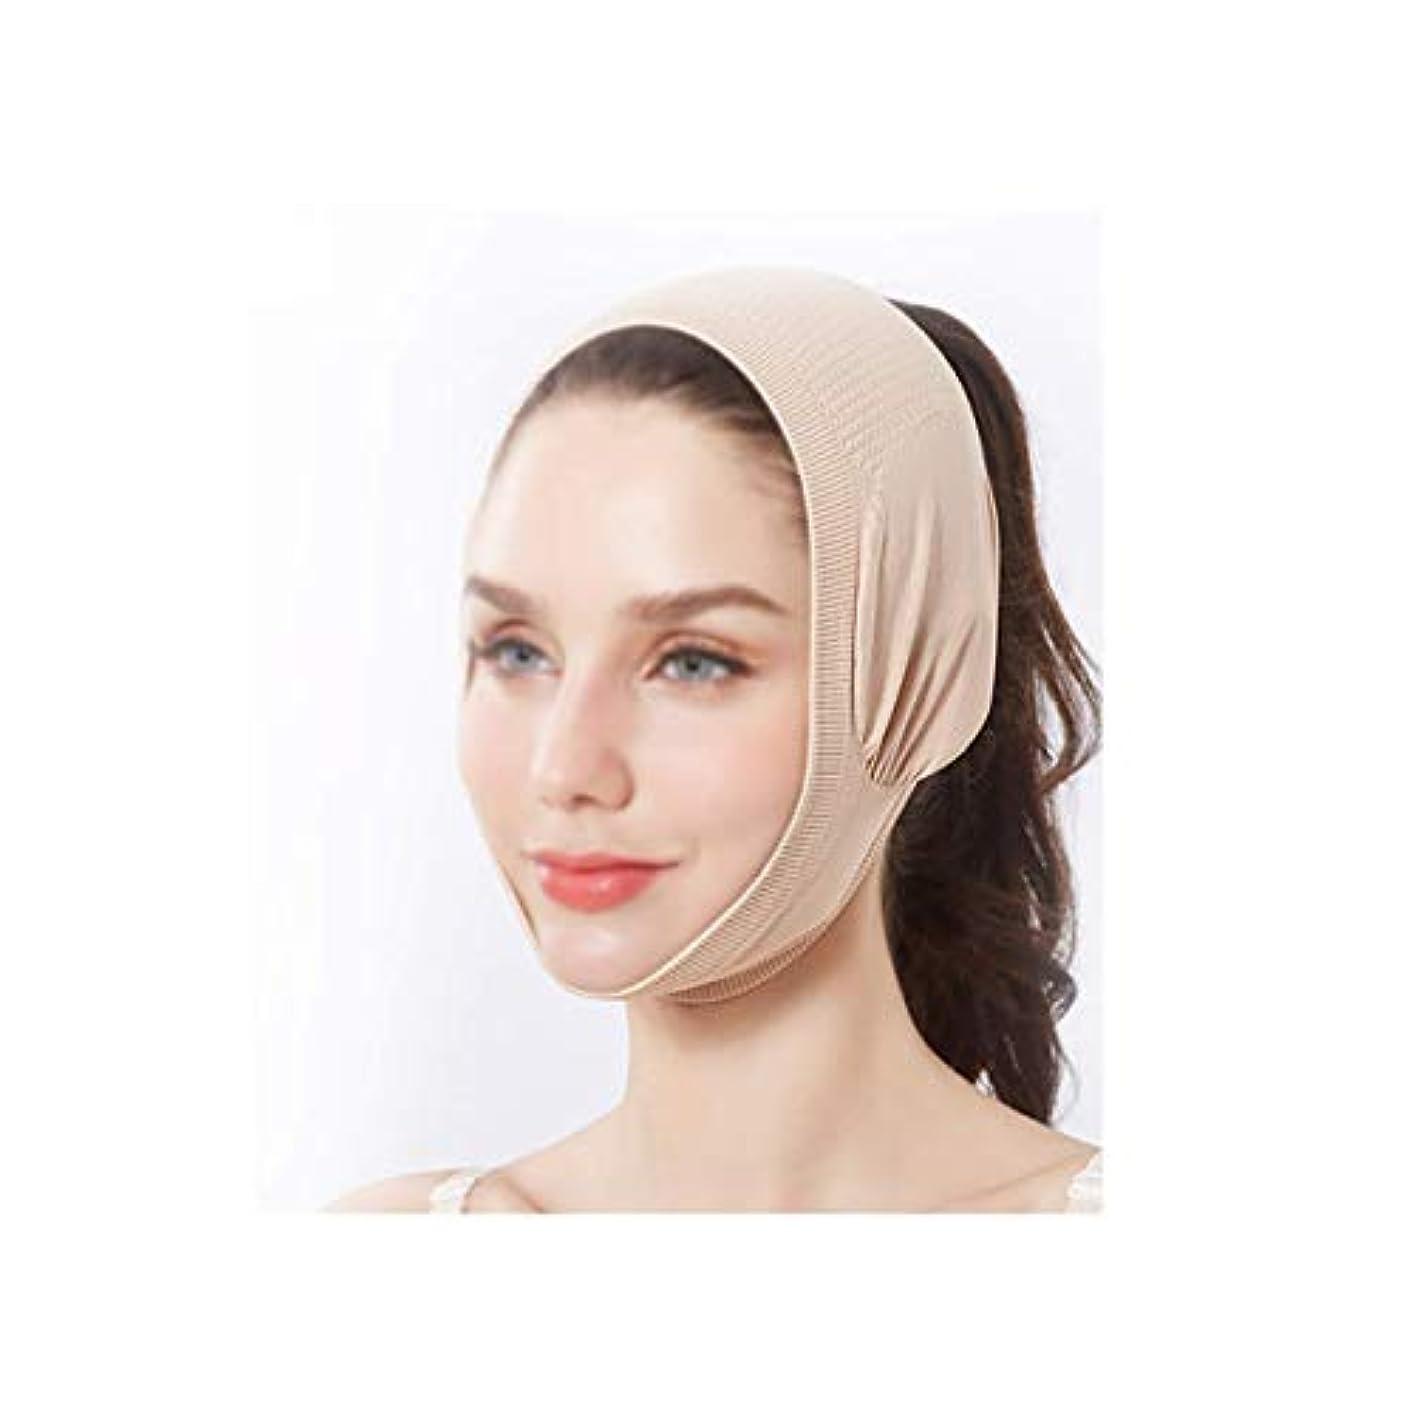 議題頭蓋骨アクセルフェイスリフトマスク、フェイシャルマスクエクステンション強度フェイスレス包帯バンディオンフェイスラージVラインカービングフェイスバックカバーネックストラップ(カラー:肌の色)